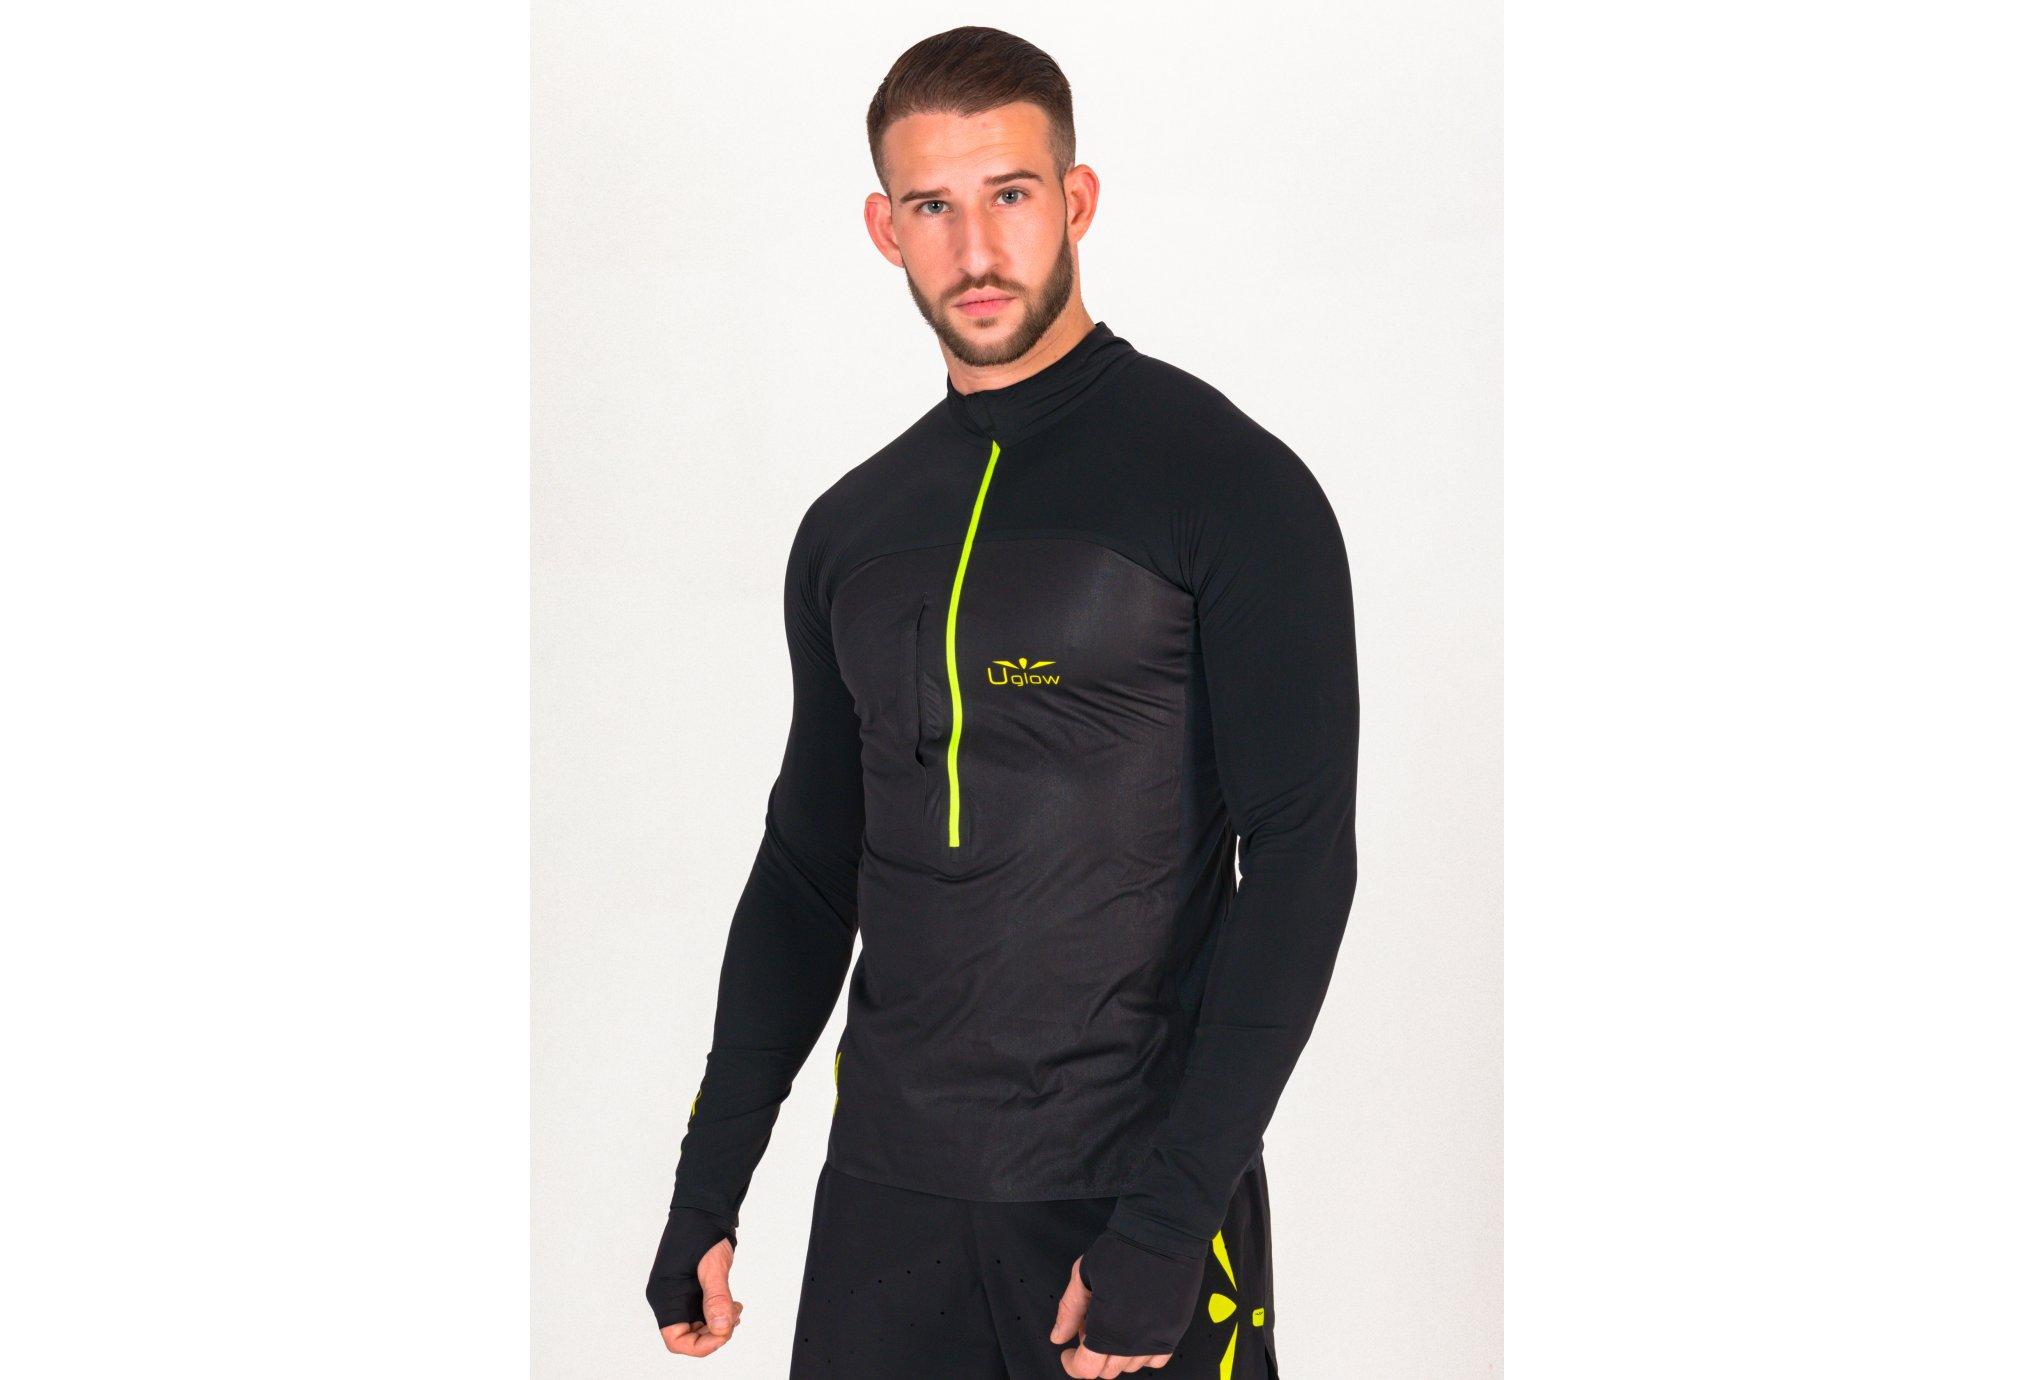 Uglow Membrane Winter 3/4 Zip M Diététique Vêtements homme